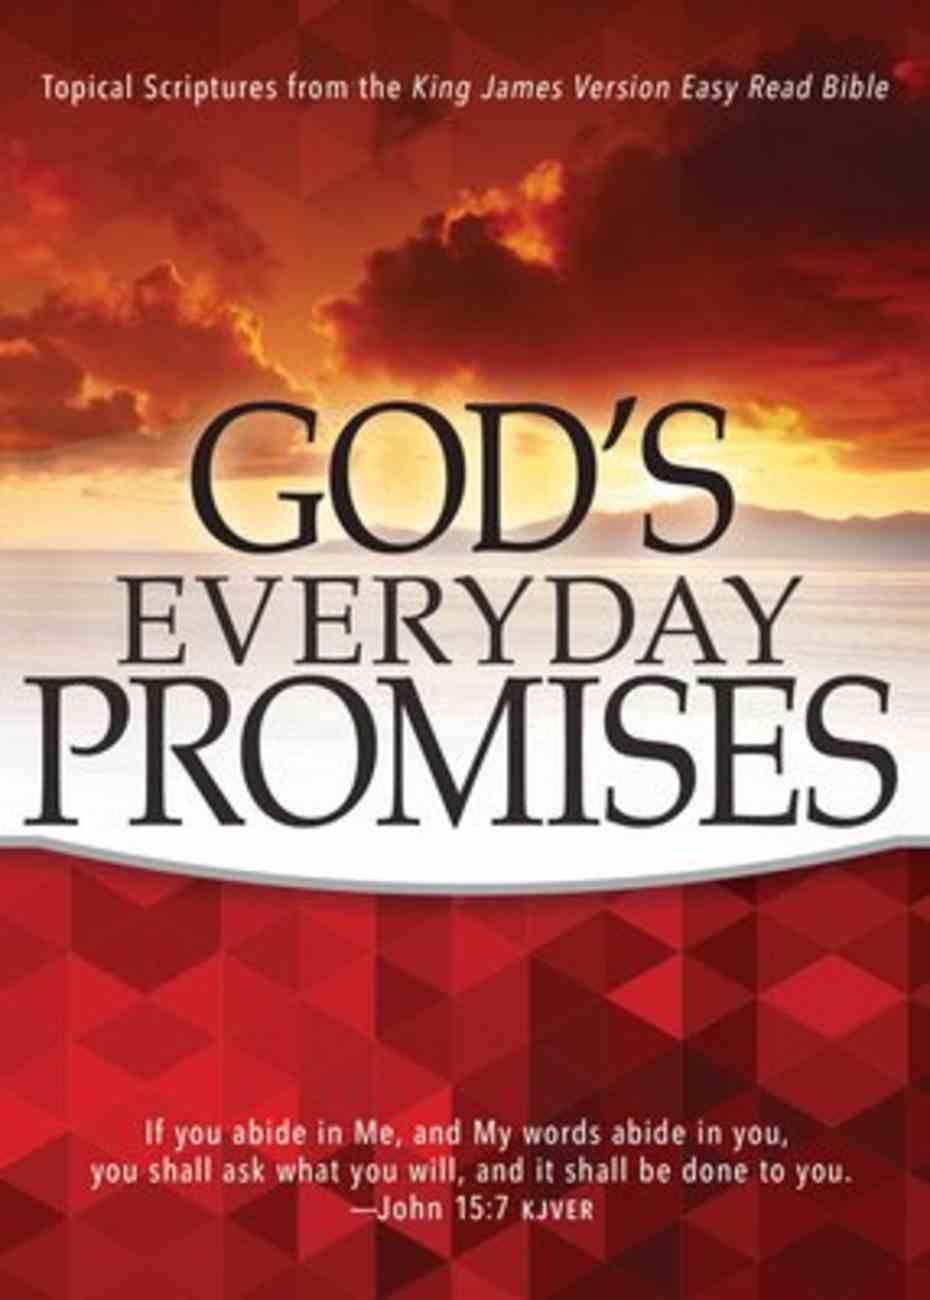 God's Everyday Promises (Kjver) Paperback